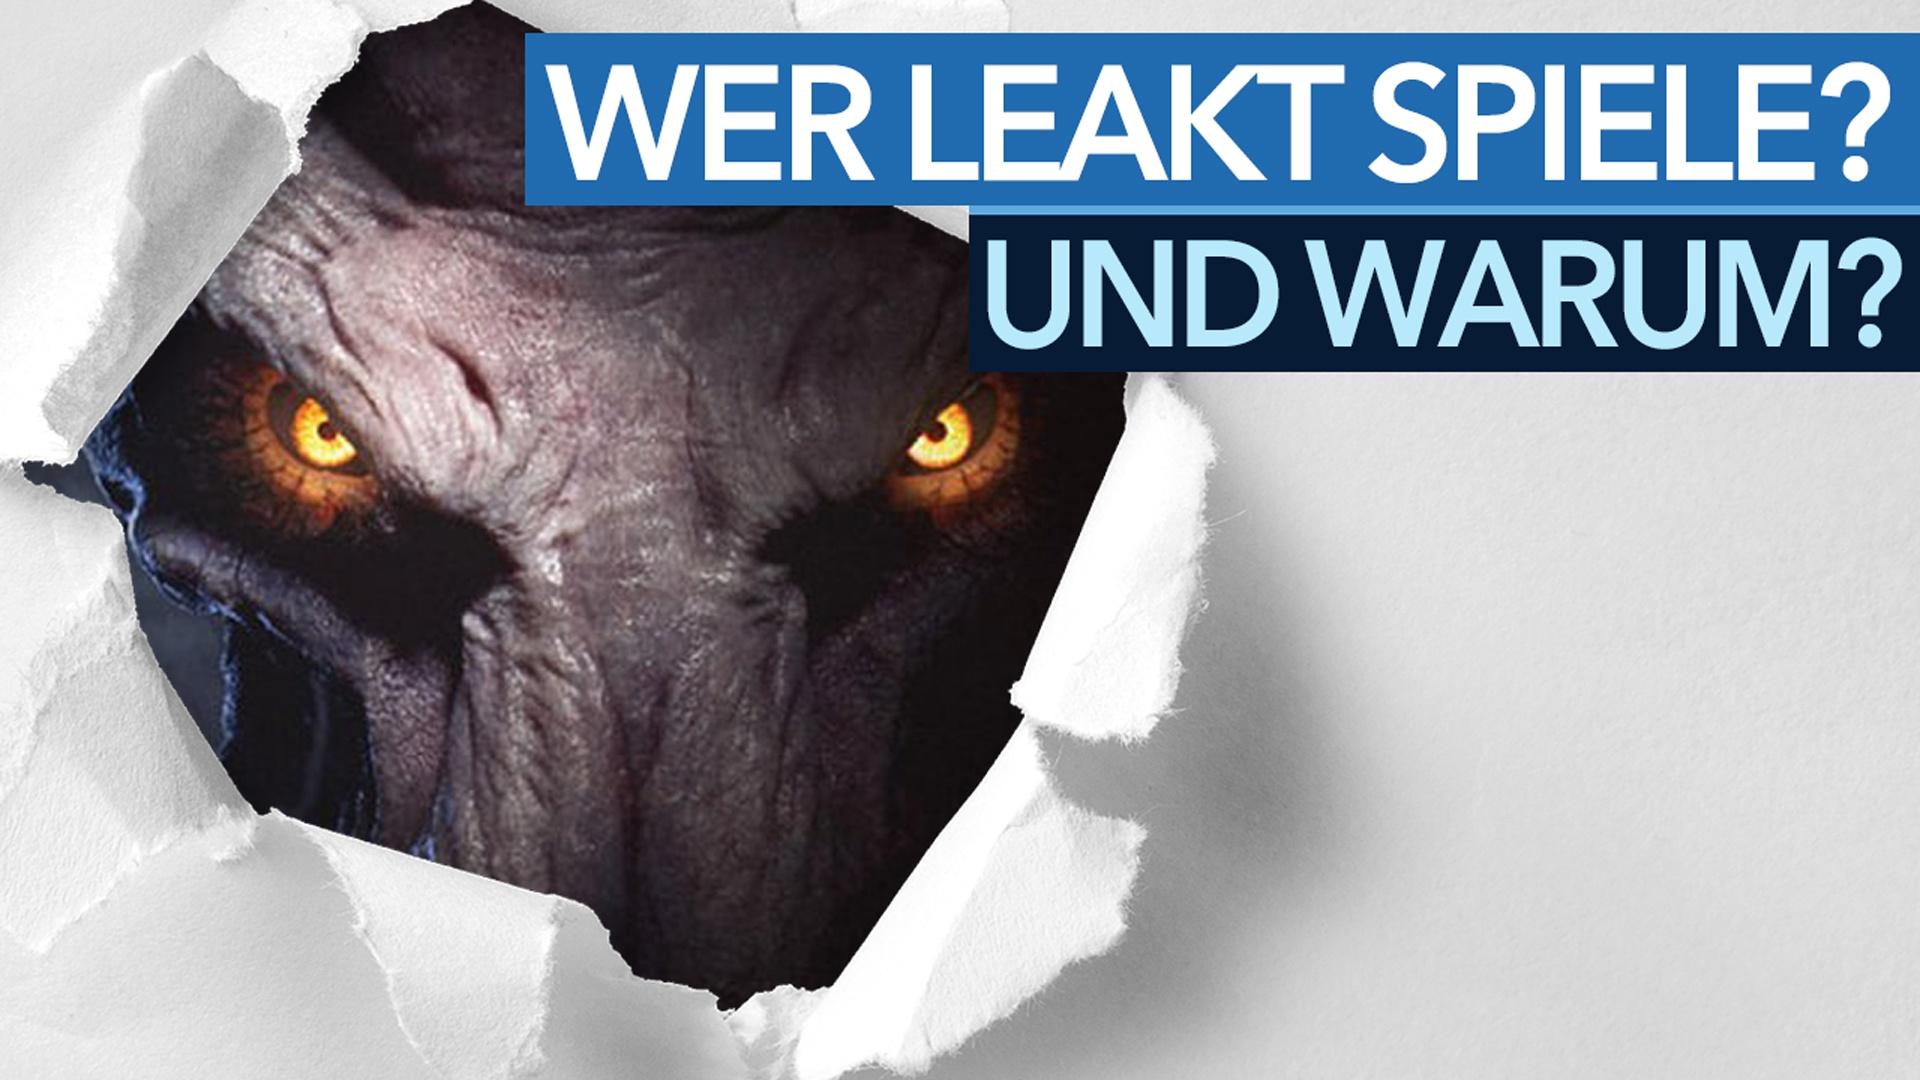 Leaks - Wo sie herkommen und warum wir darüber berichten - GameStar TV über undichte Stellen in der Games-Branche